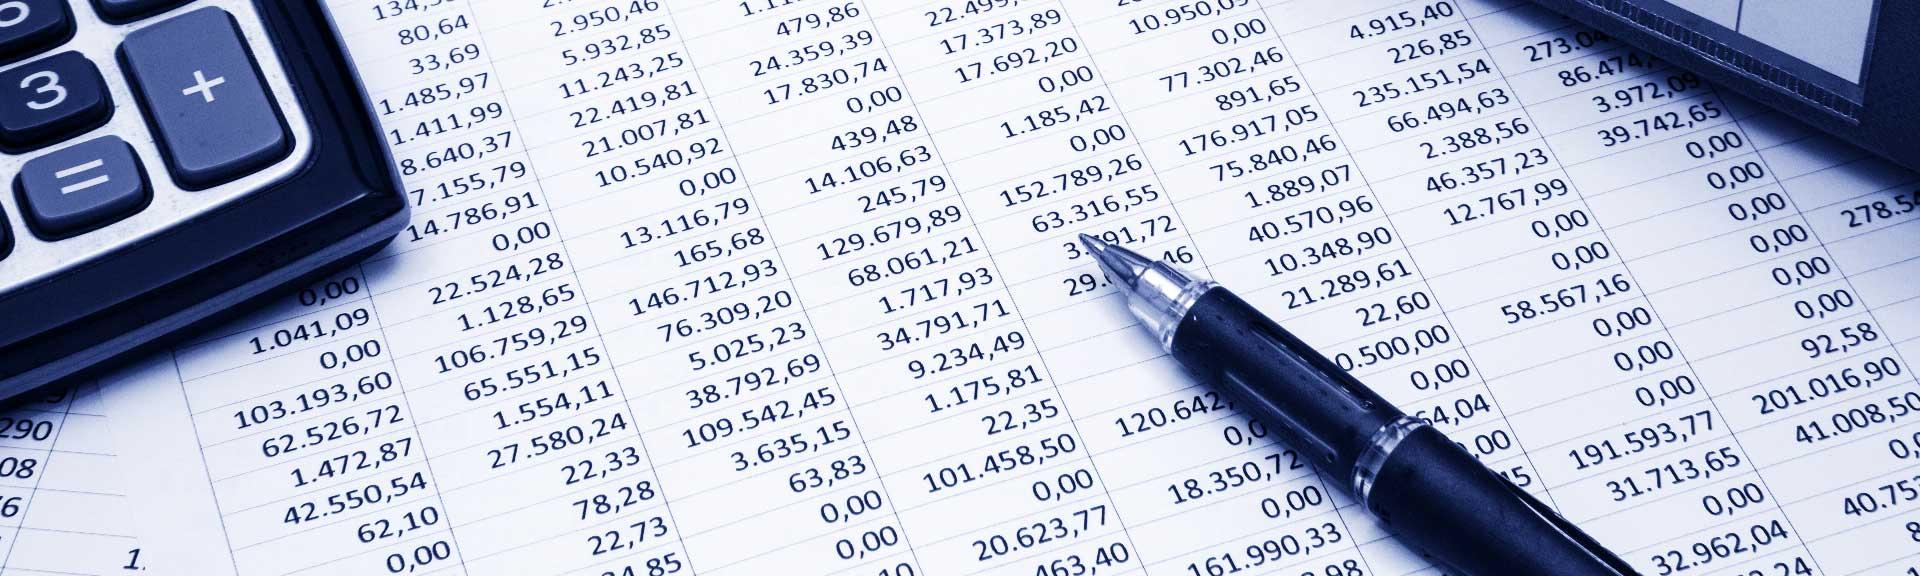 Kostenrechnung Hintergrund